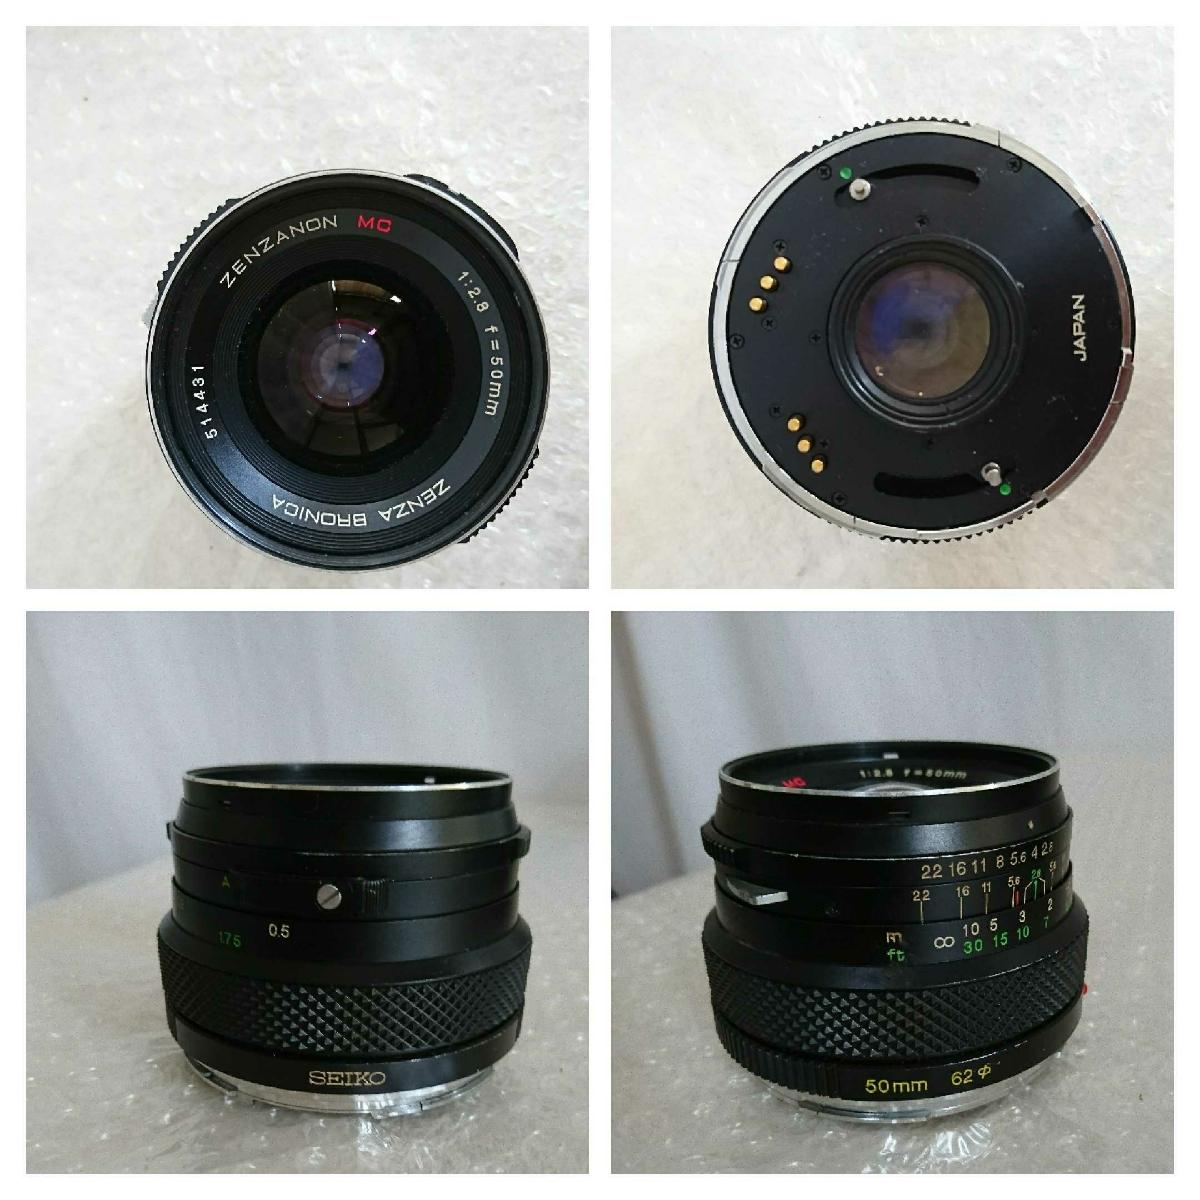 ZENZA BRONICA ゼンザブロニカ ETRSi + レンズ ZENZANON MC 50mm 1:2.8 等 3本 + フィルムパック 2個 + フィルター セット まとめ まとめて_画像6